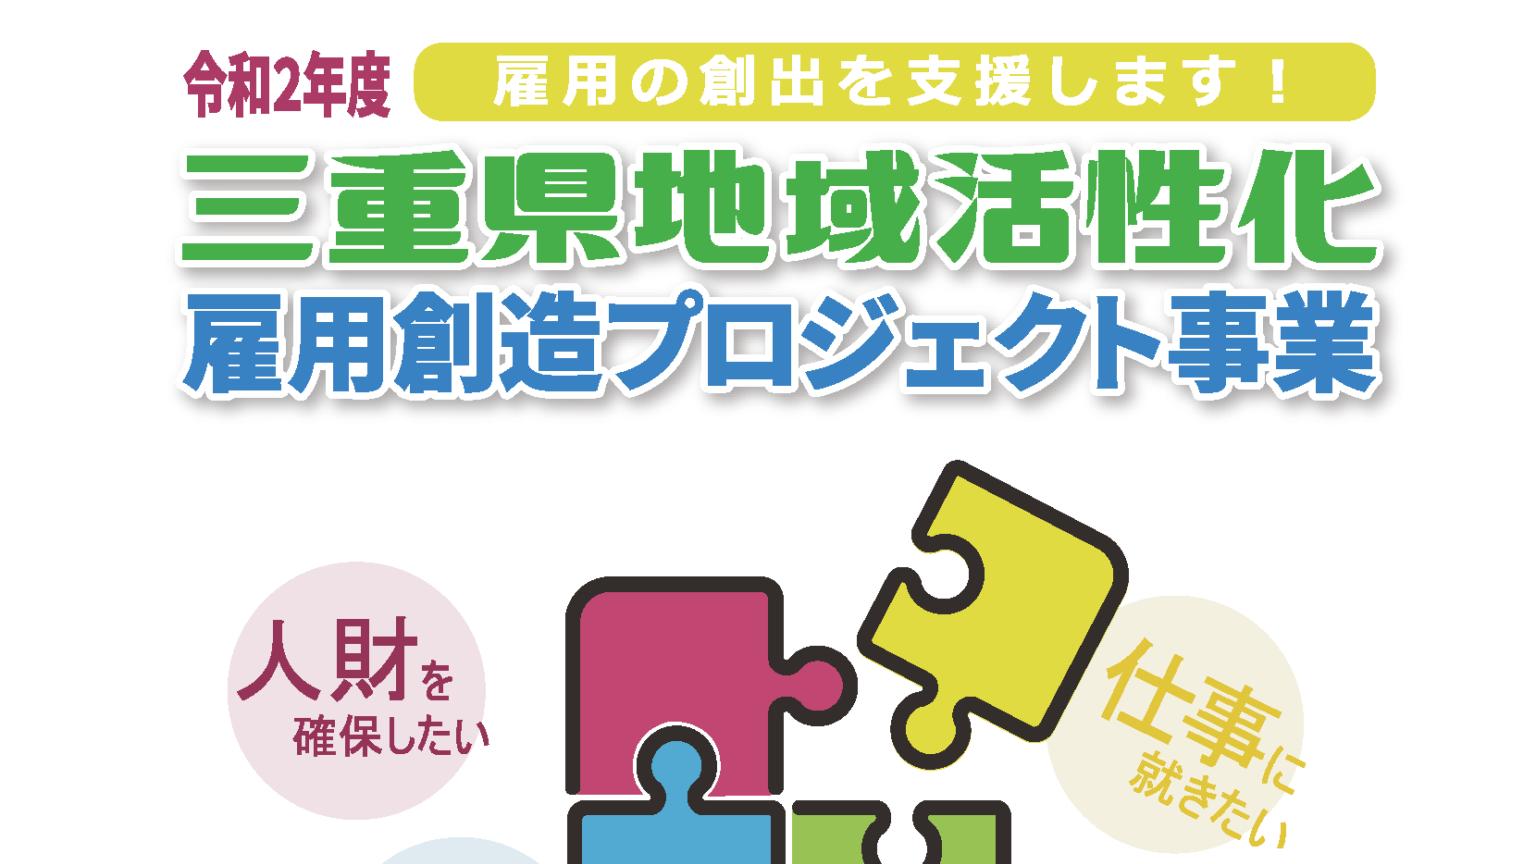 三重県地域活性化雇用創造プロジェクト事業の賛助会員に登録しました